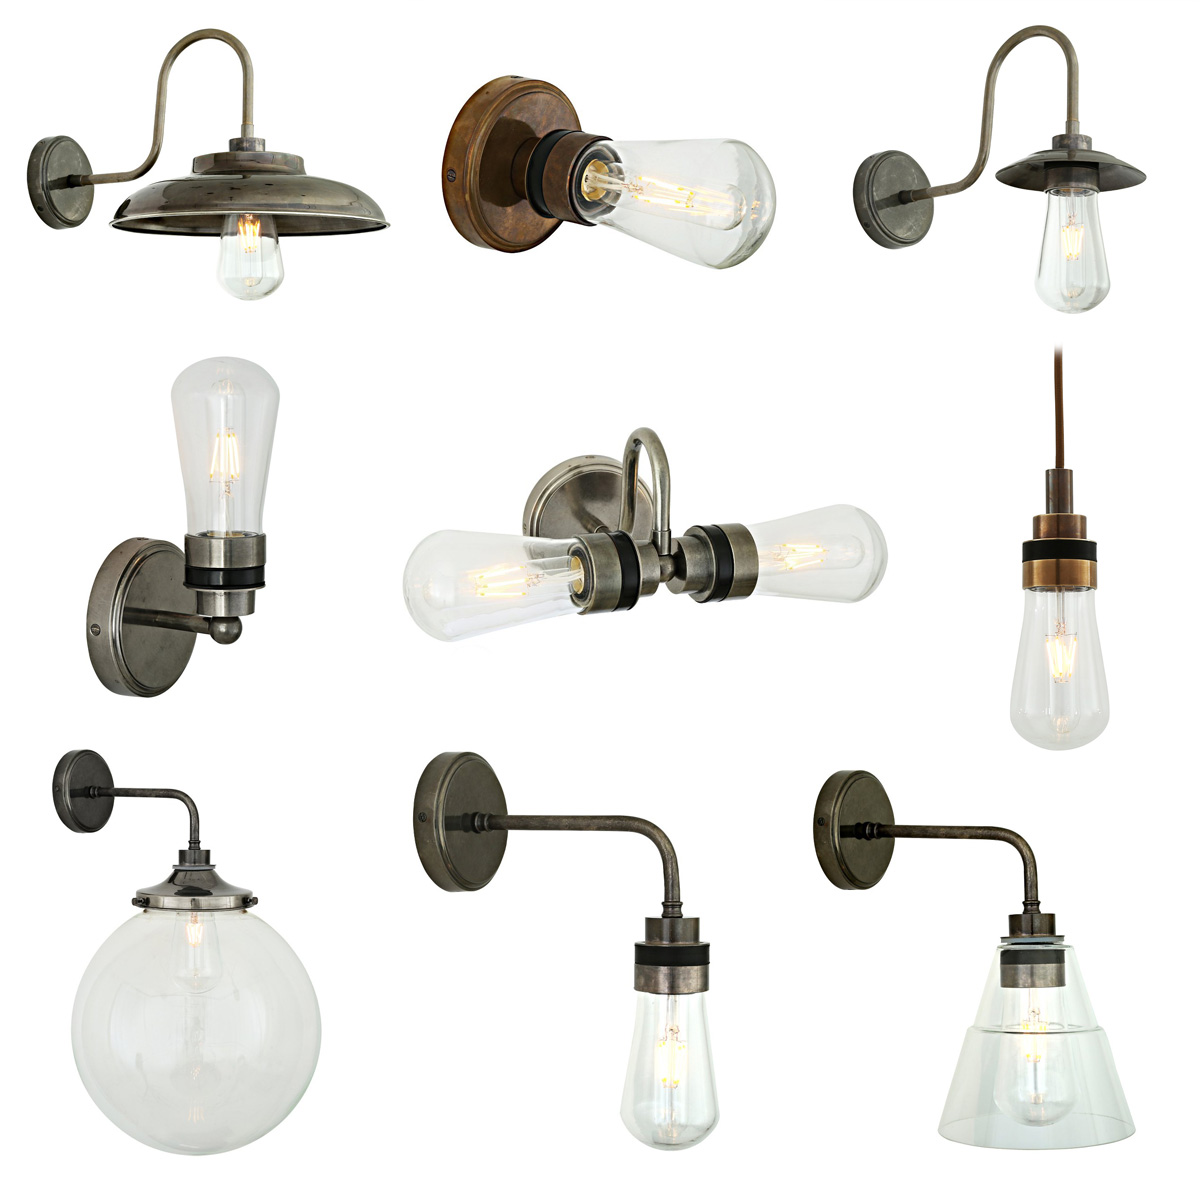 mit glaskolben einfache leuchten f r au en aus irland mit ip 54 lumi leuchten. Black Bedroom Furniture Sets. Home Design Ideas